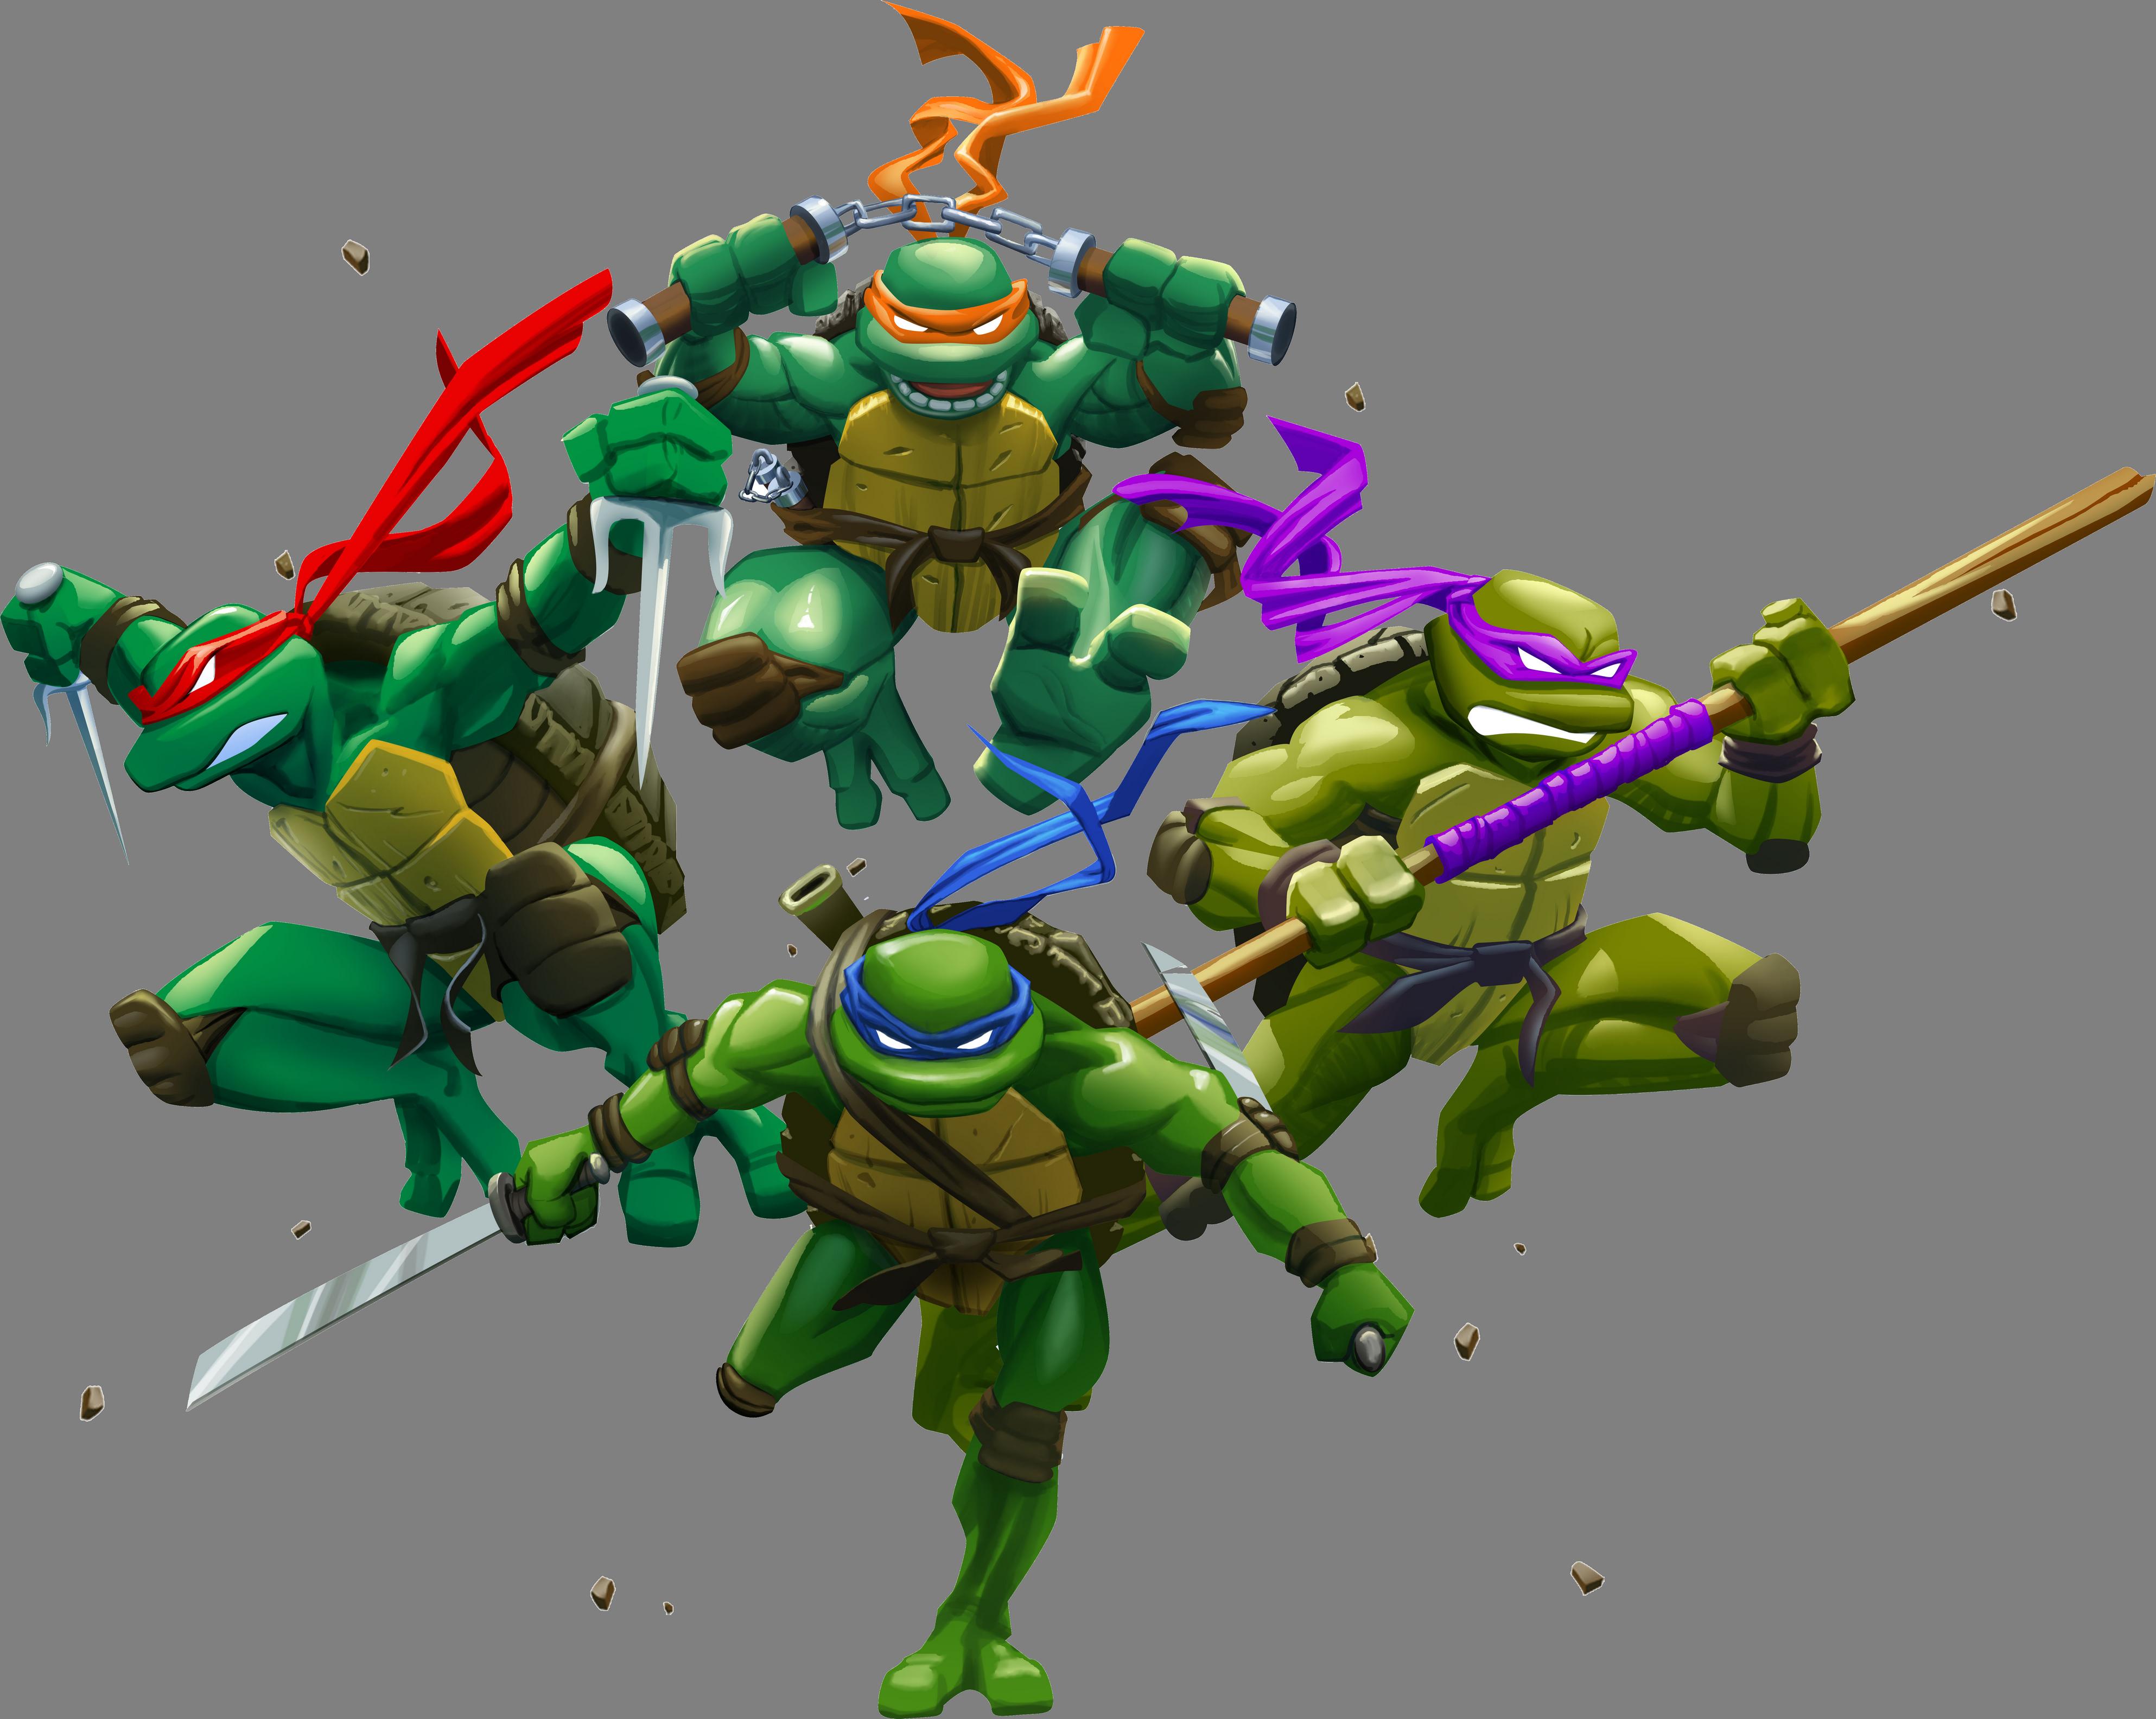 Ninja Turtle S Png Image Teenage Ninja Turtles Teenage Mutant Ninja Turtles Ninja Turtles